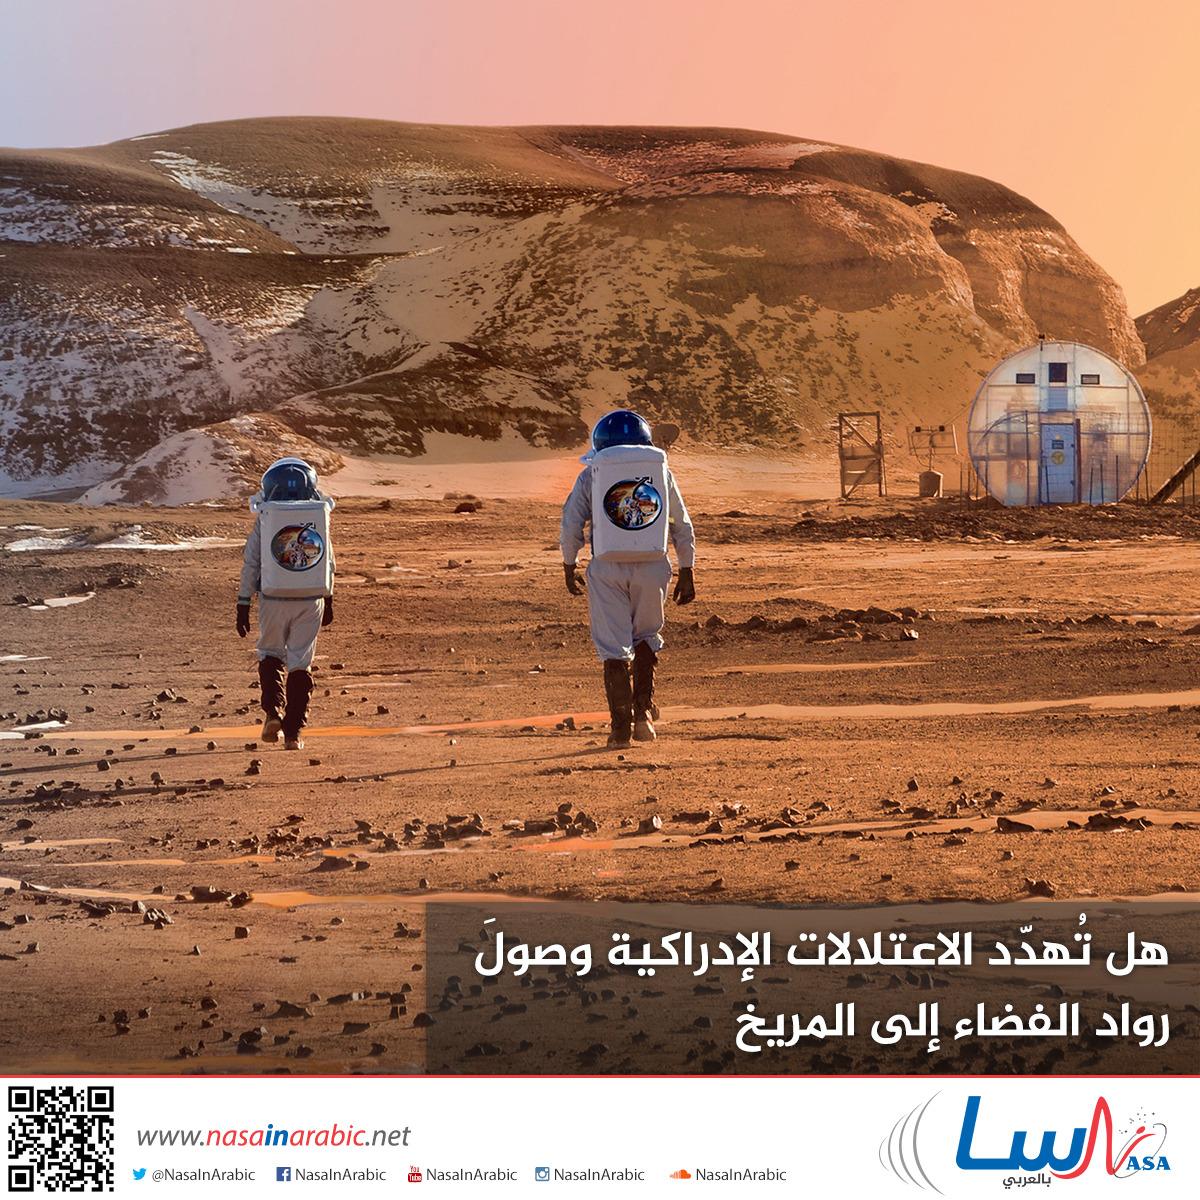 هل تُهدّد الاعتلالات الإدراكية وصولَ رواد الفضاء إلى المريخ